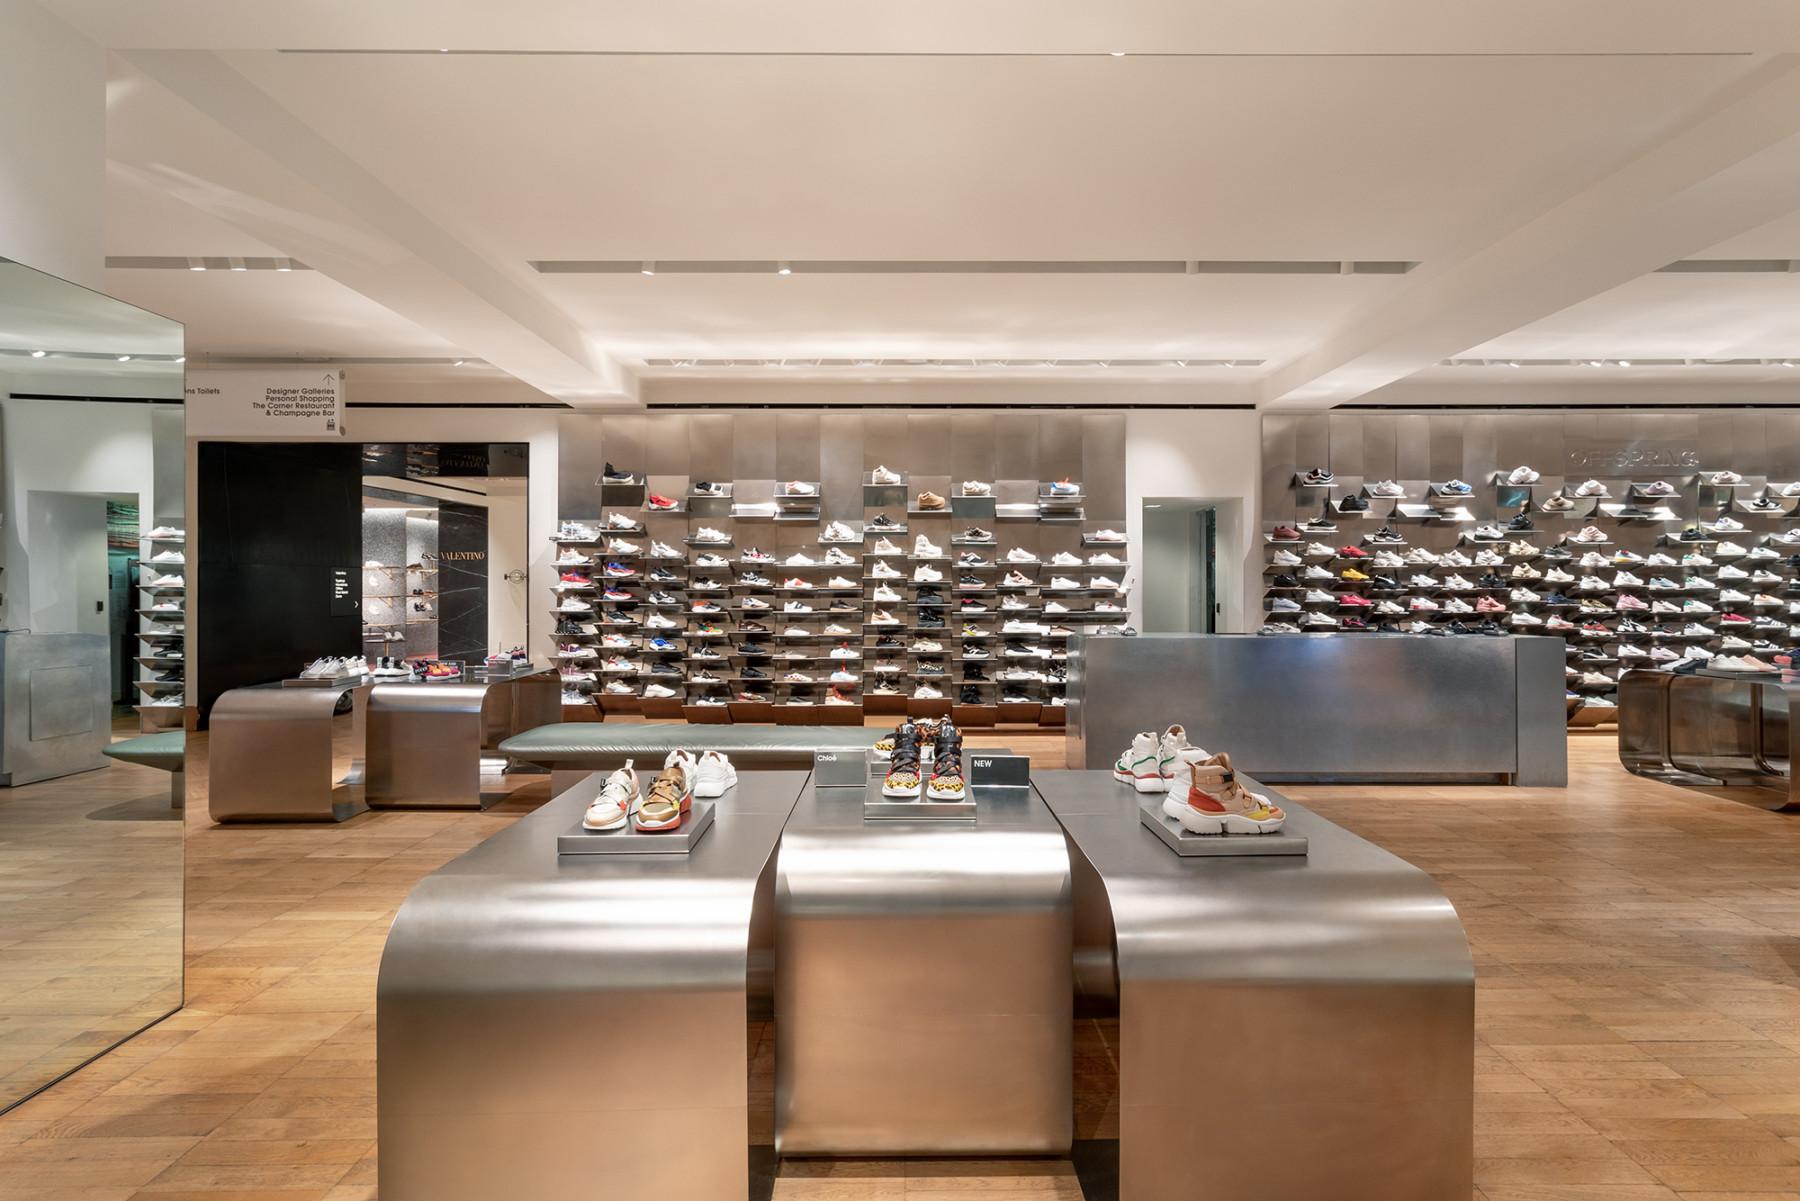 Womens Shoe Galleries, Selfridges